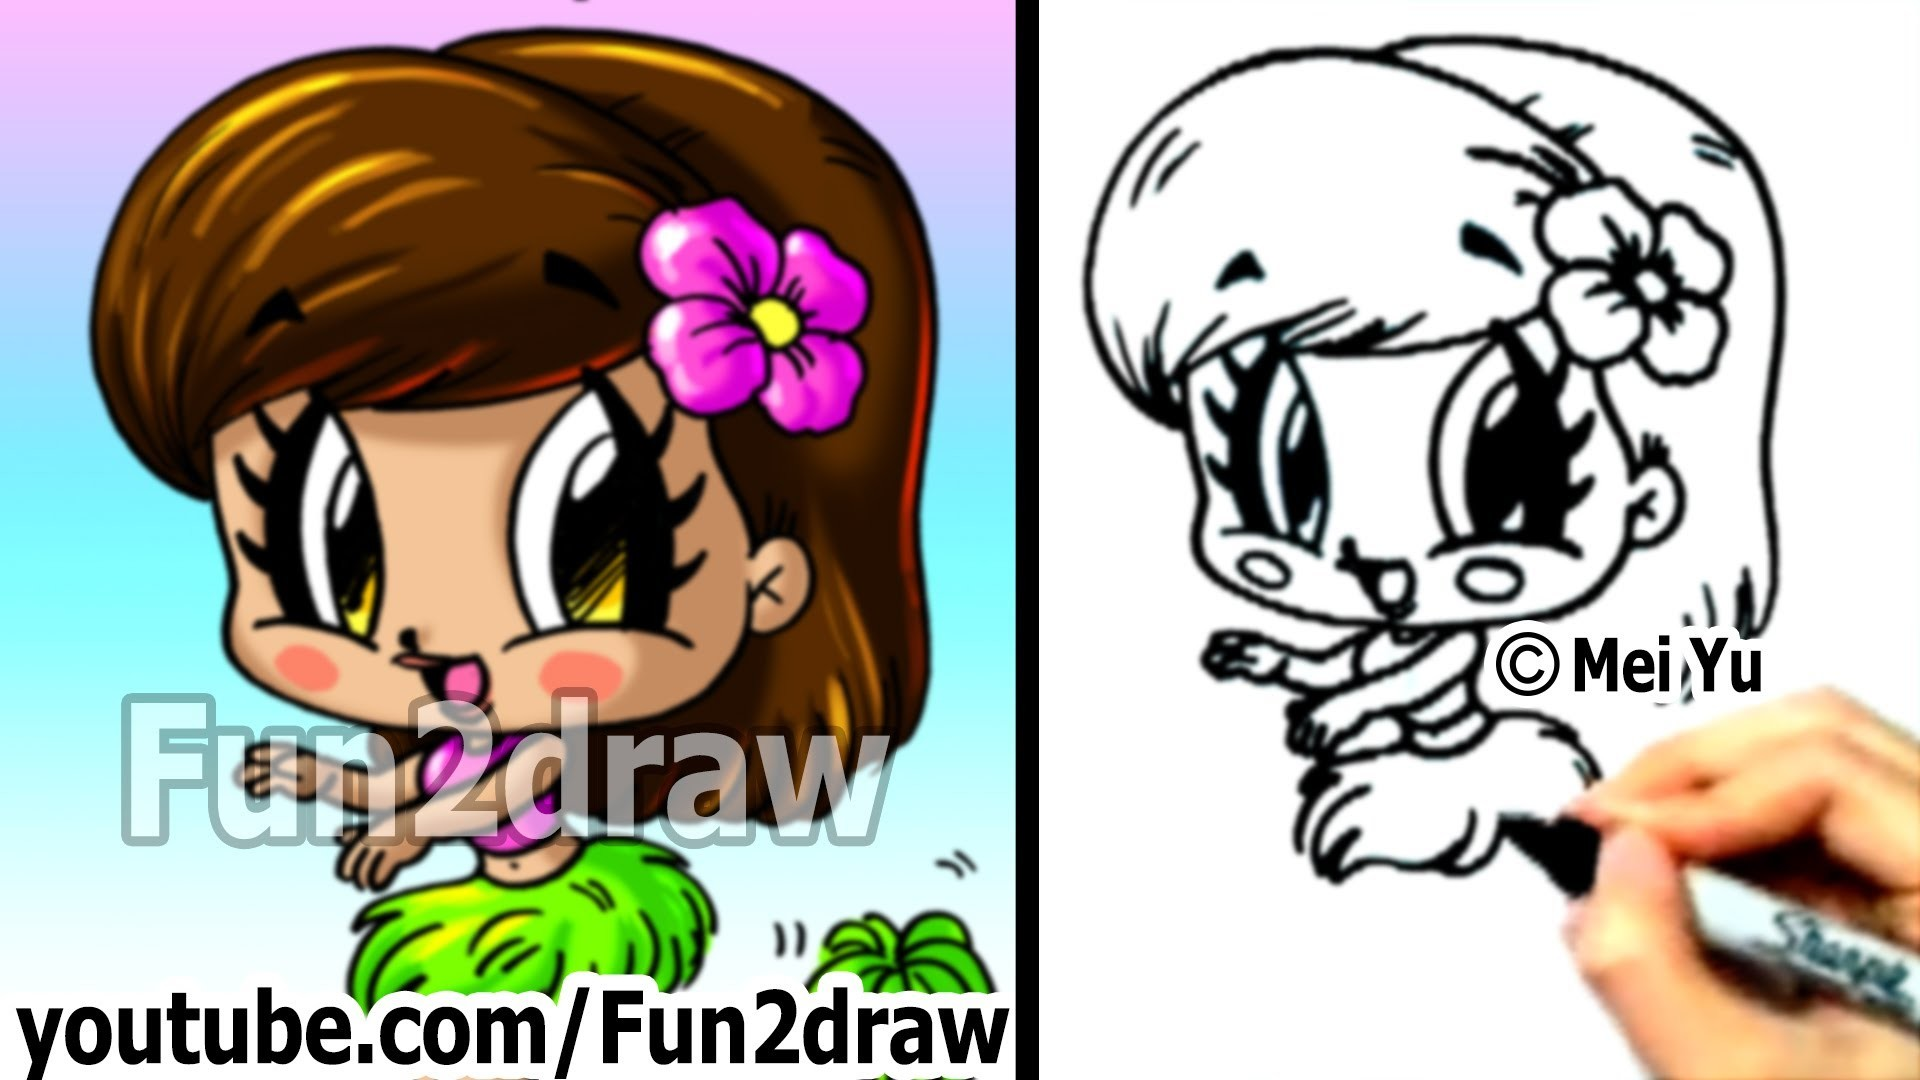 How to Draw Cartoon People - Chibi Hula Girl - Cute Art - Fun2draw